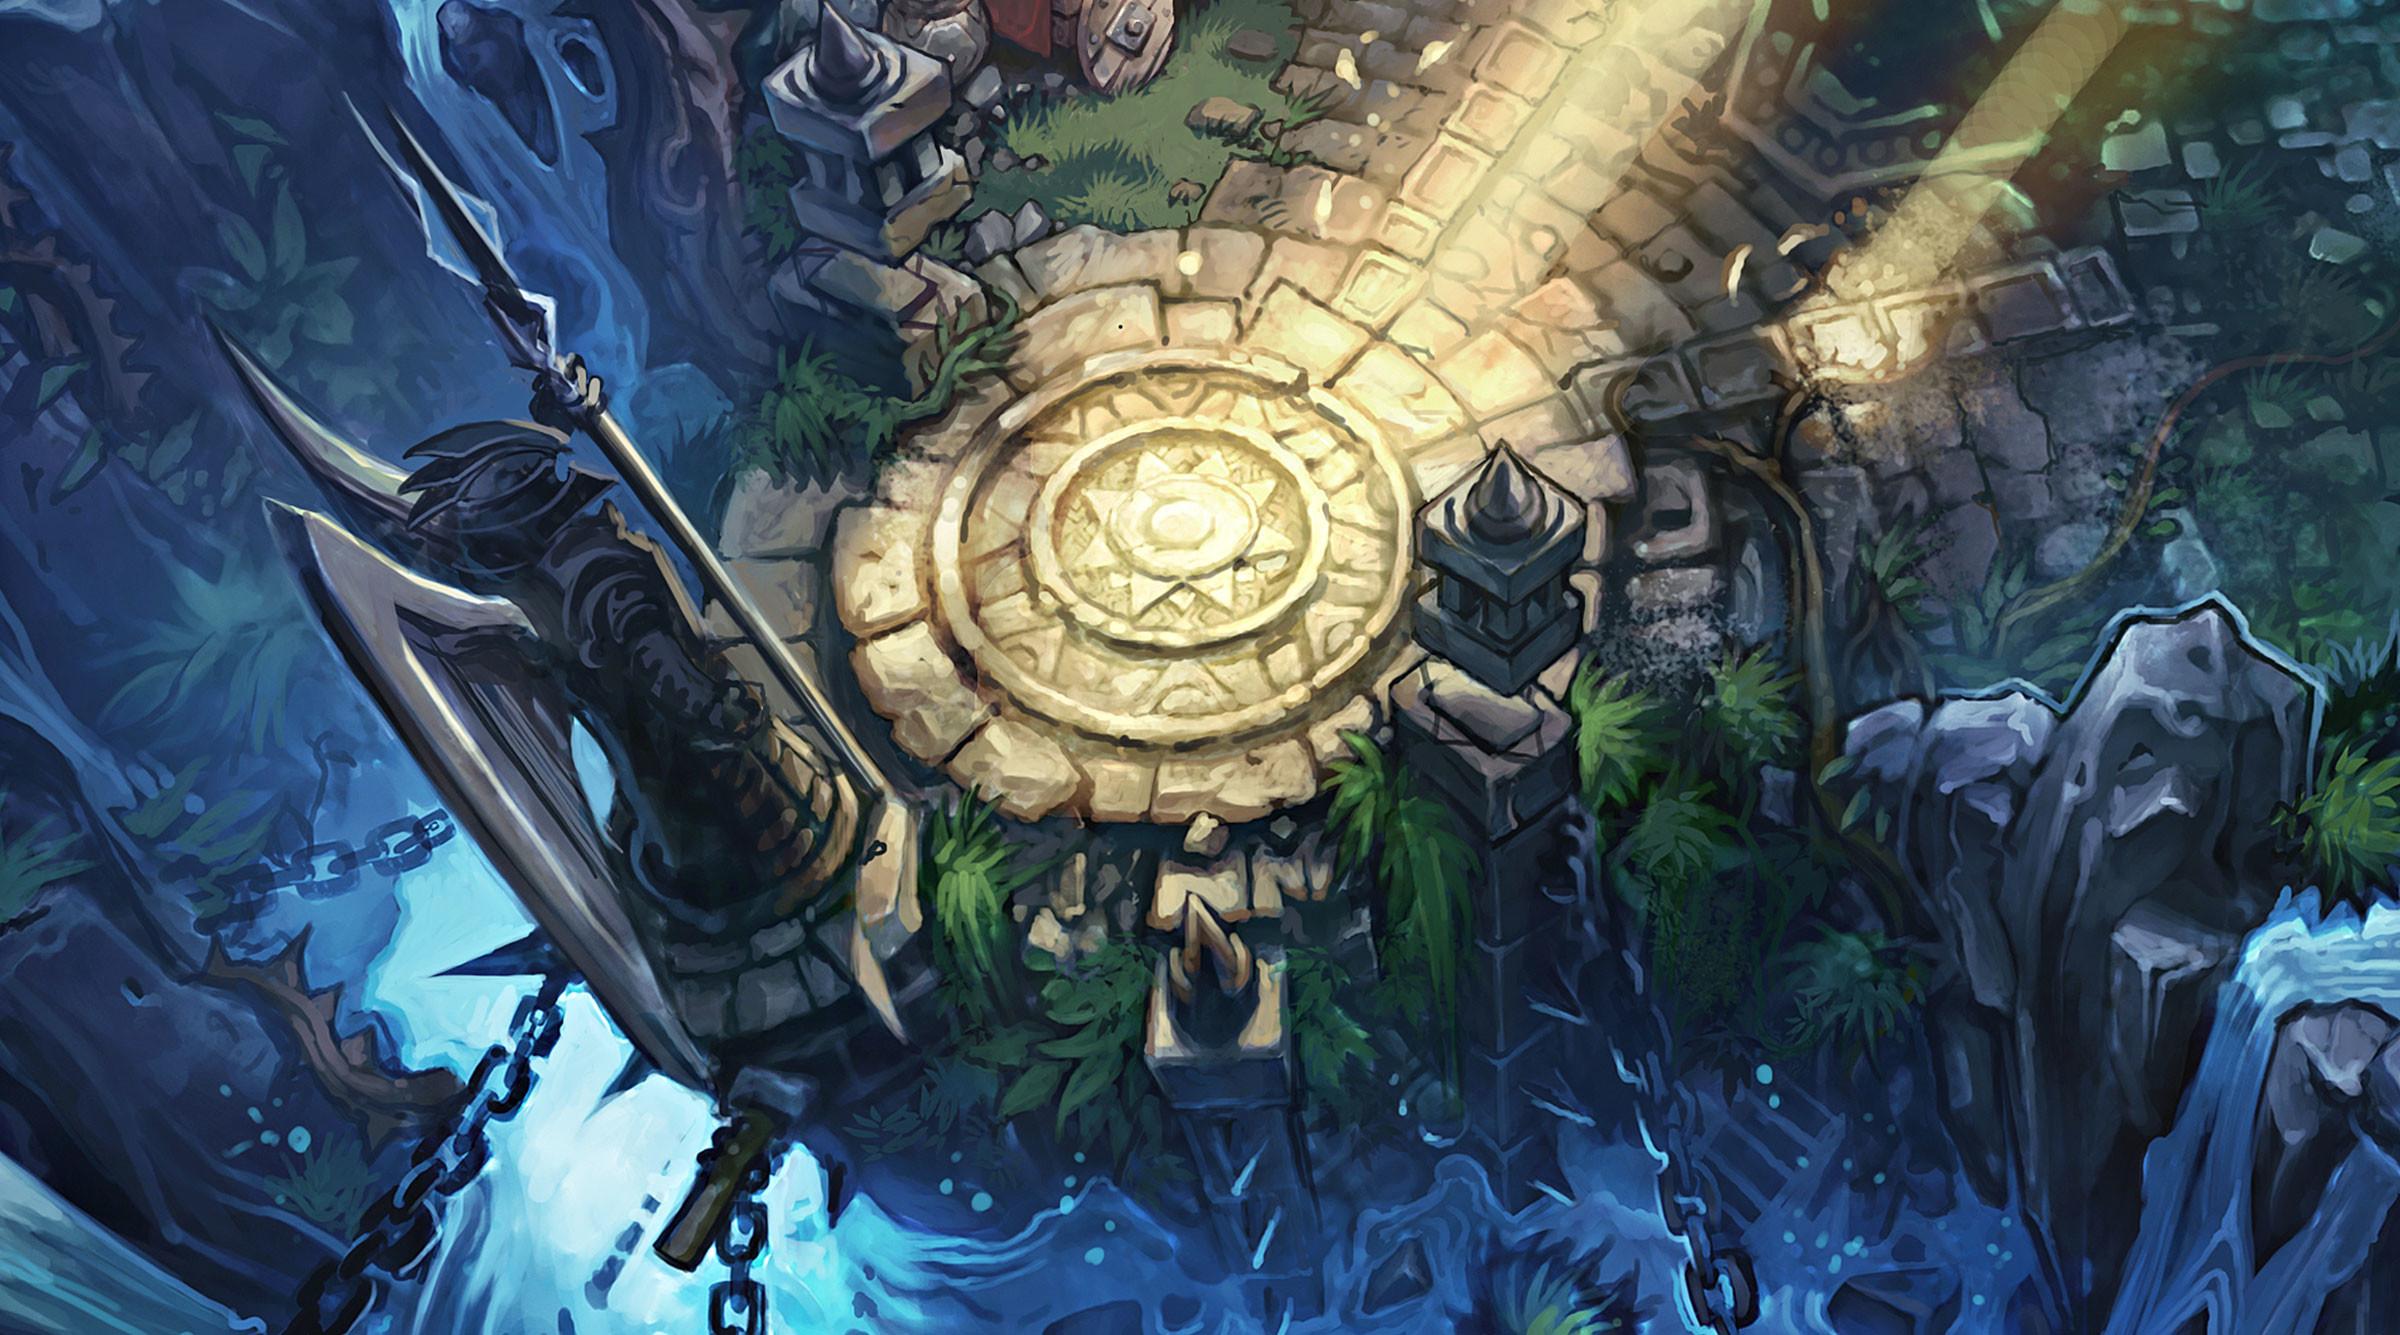 Summoners Rift Blue Base Concept Art (8) League of Legends Artwork Wallpaper  lol